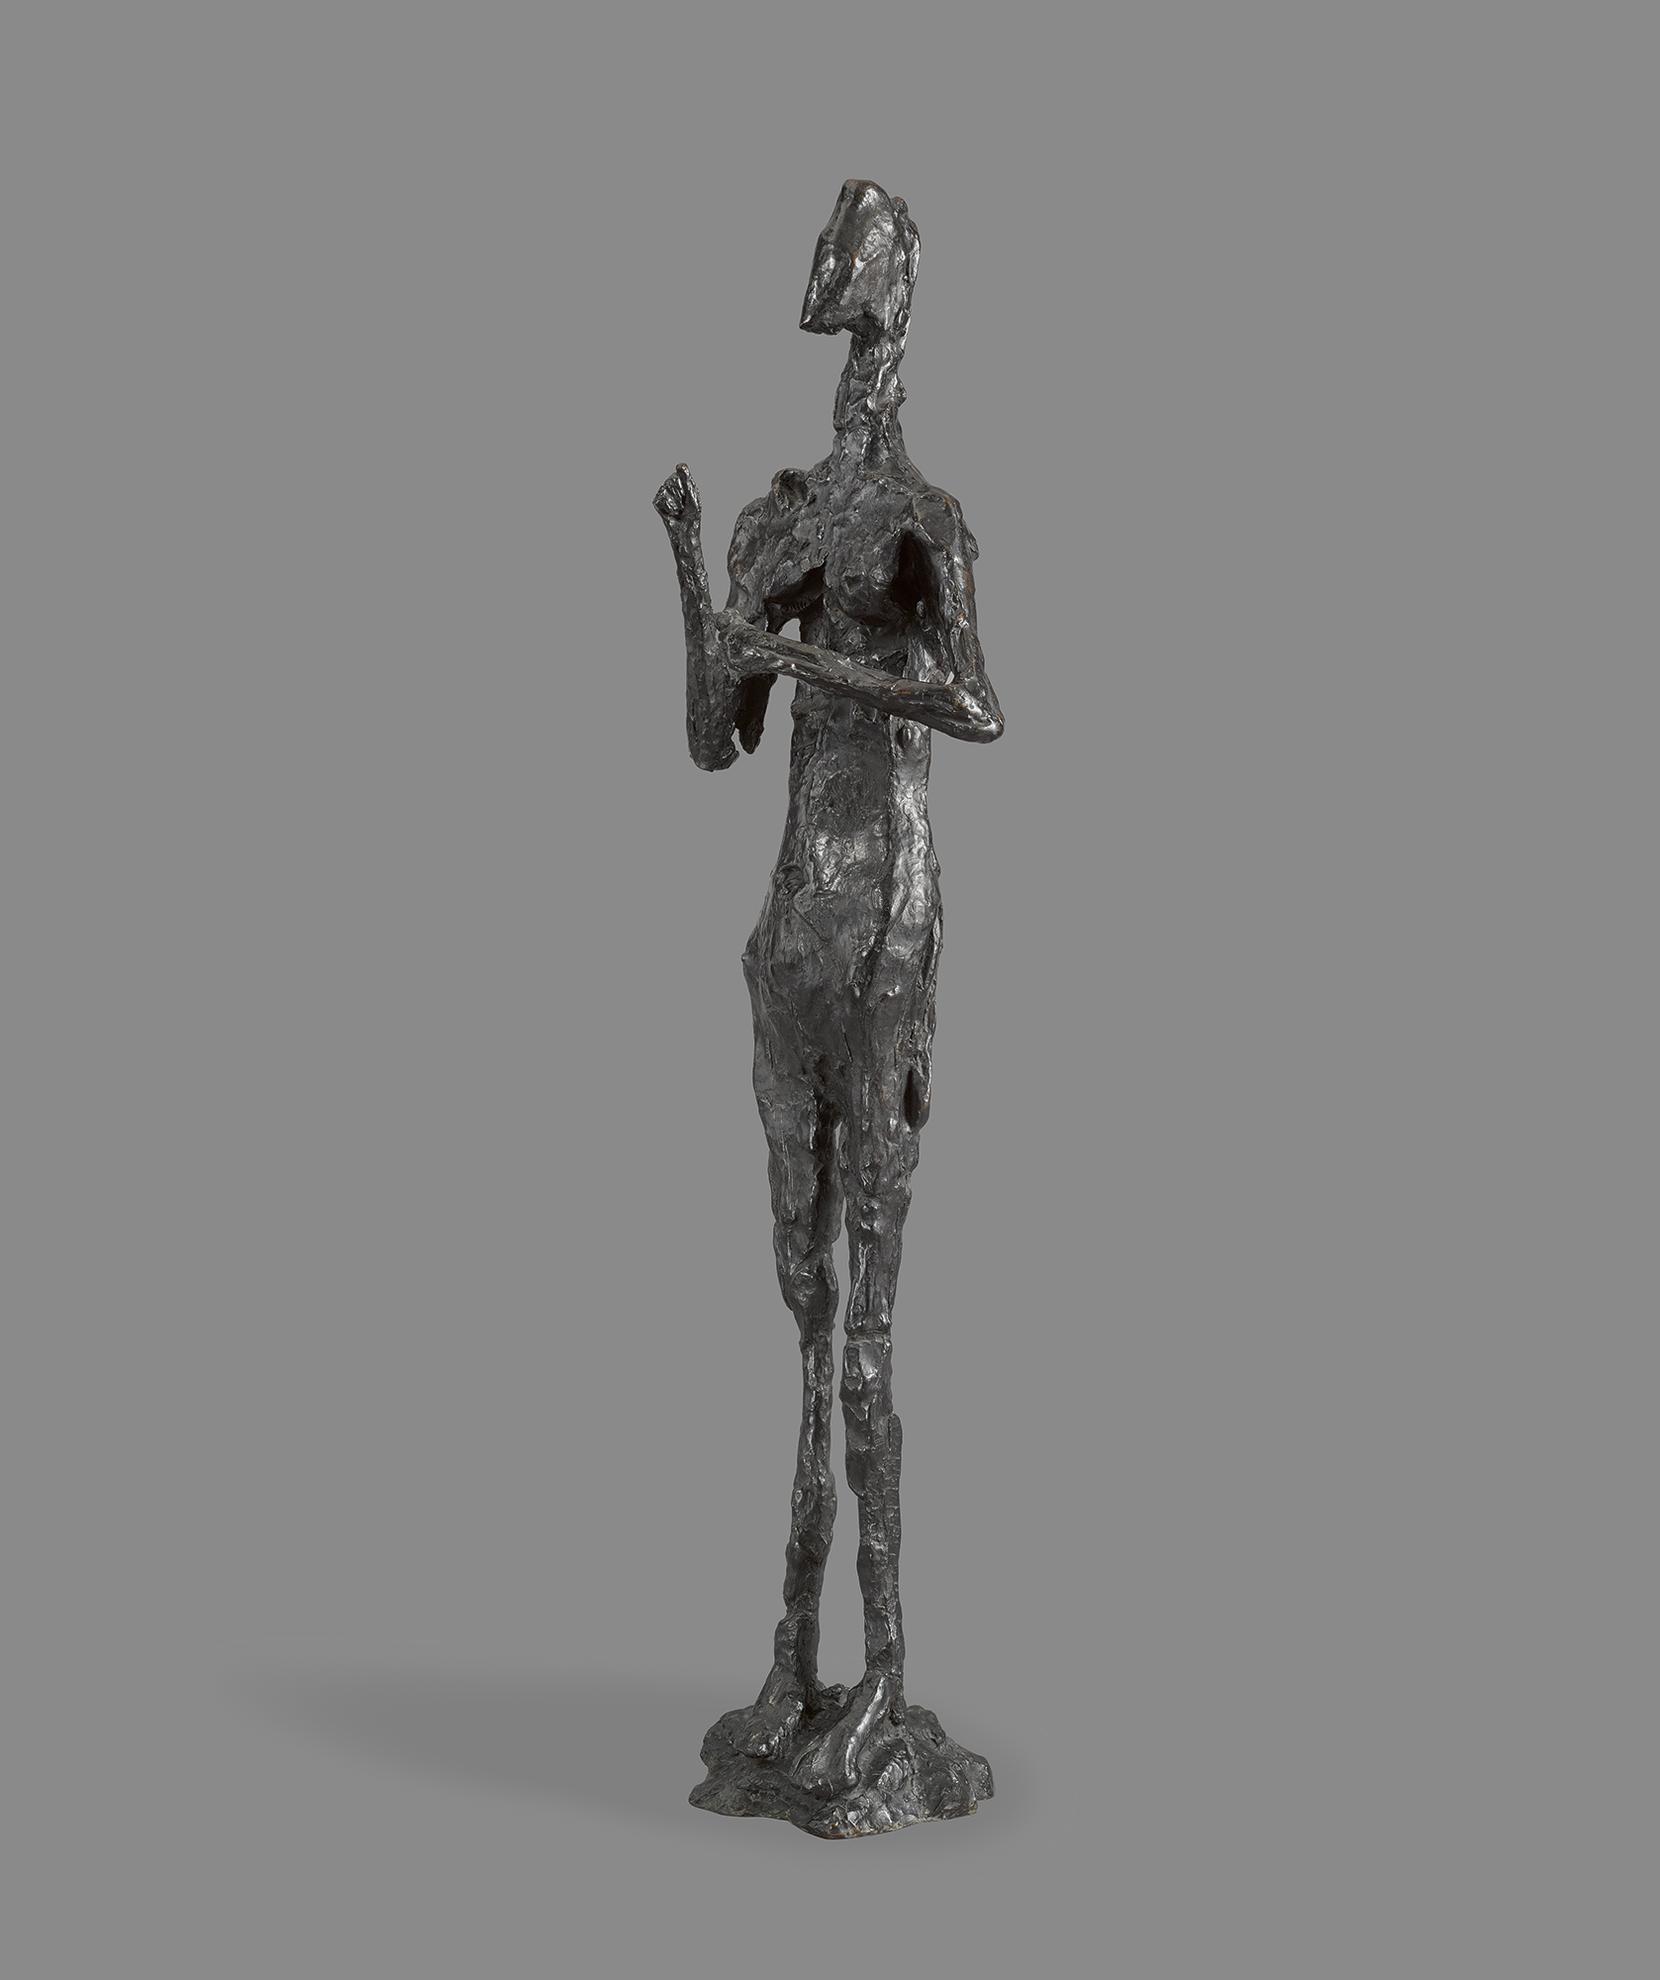 Germaine Richier-Le Grain-1955